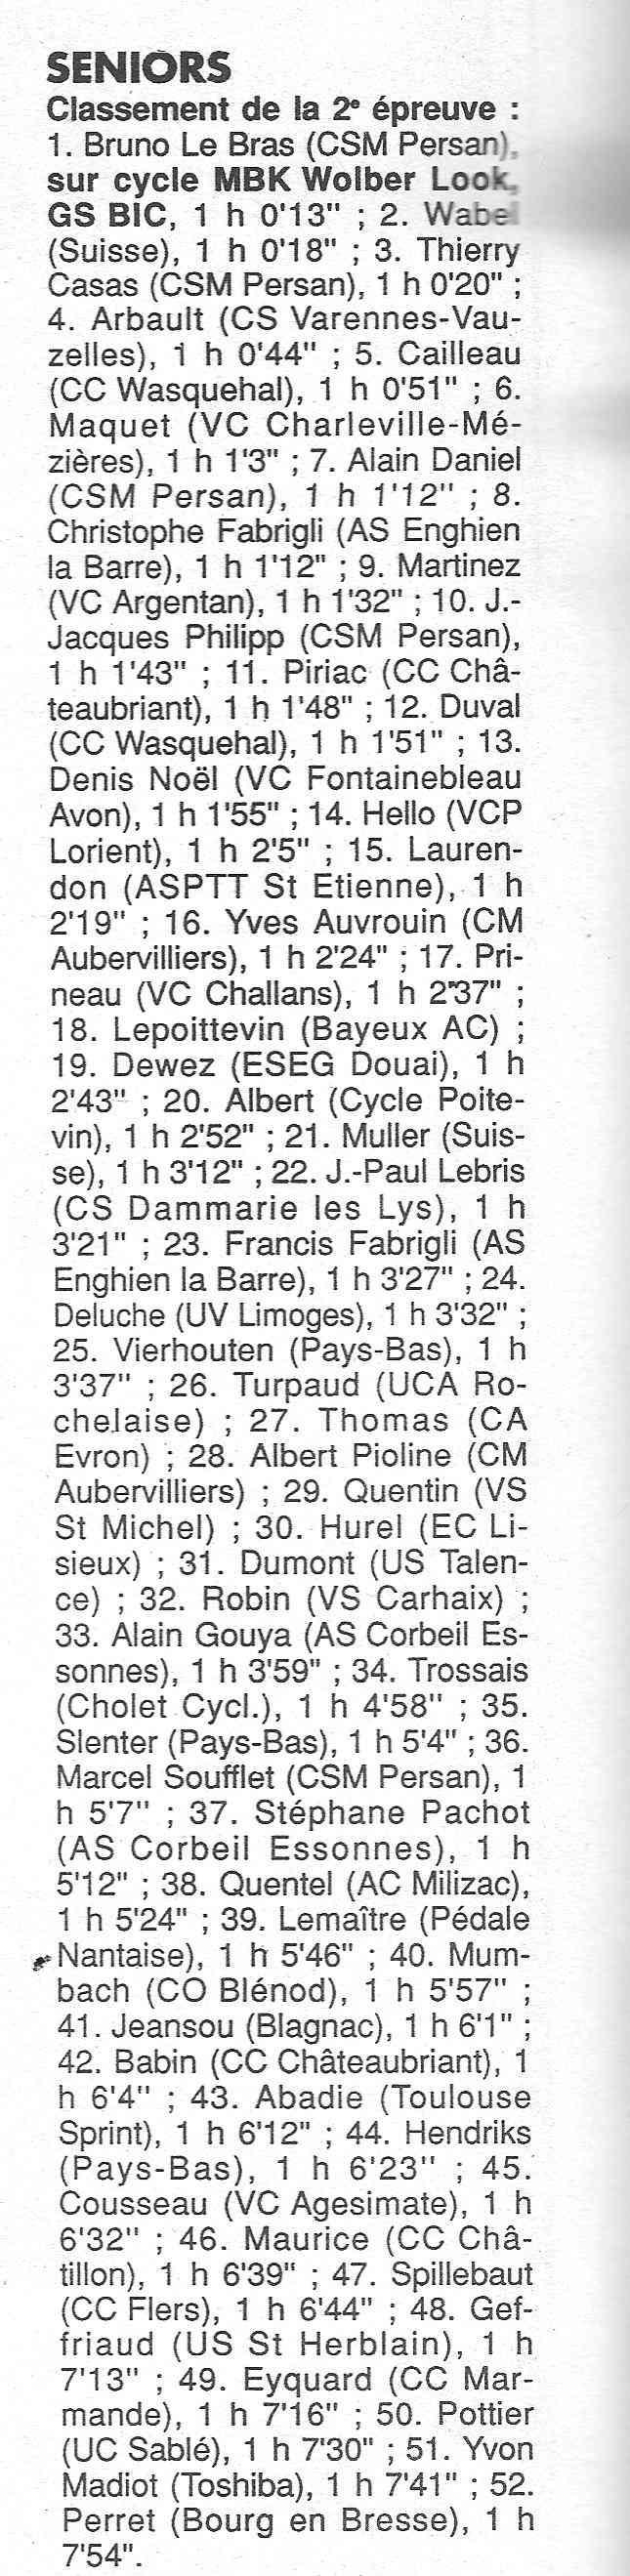 CSM.Persan. BIC. Toute une époque de janvier 1990 à novembre 2007 - Page 4 1990_198